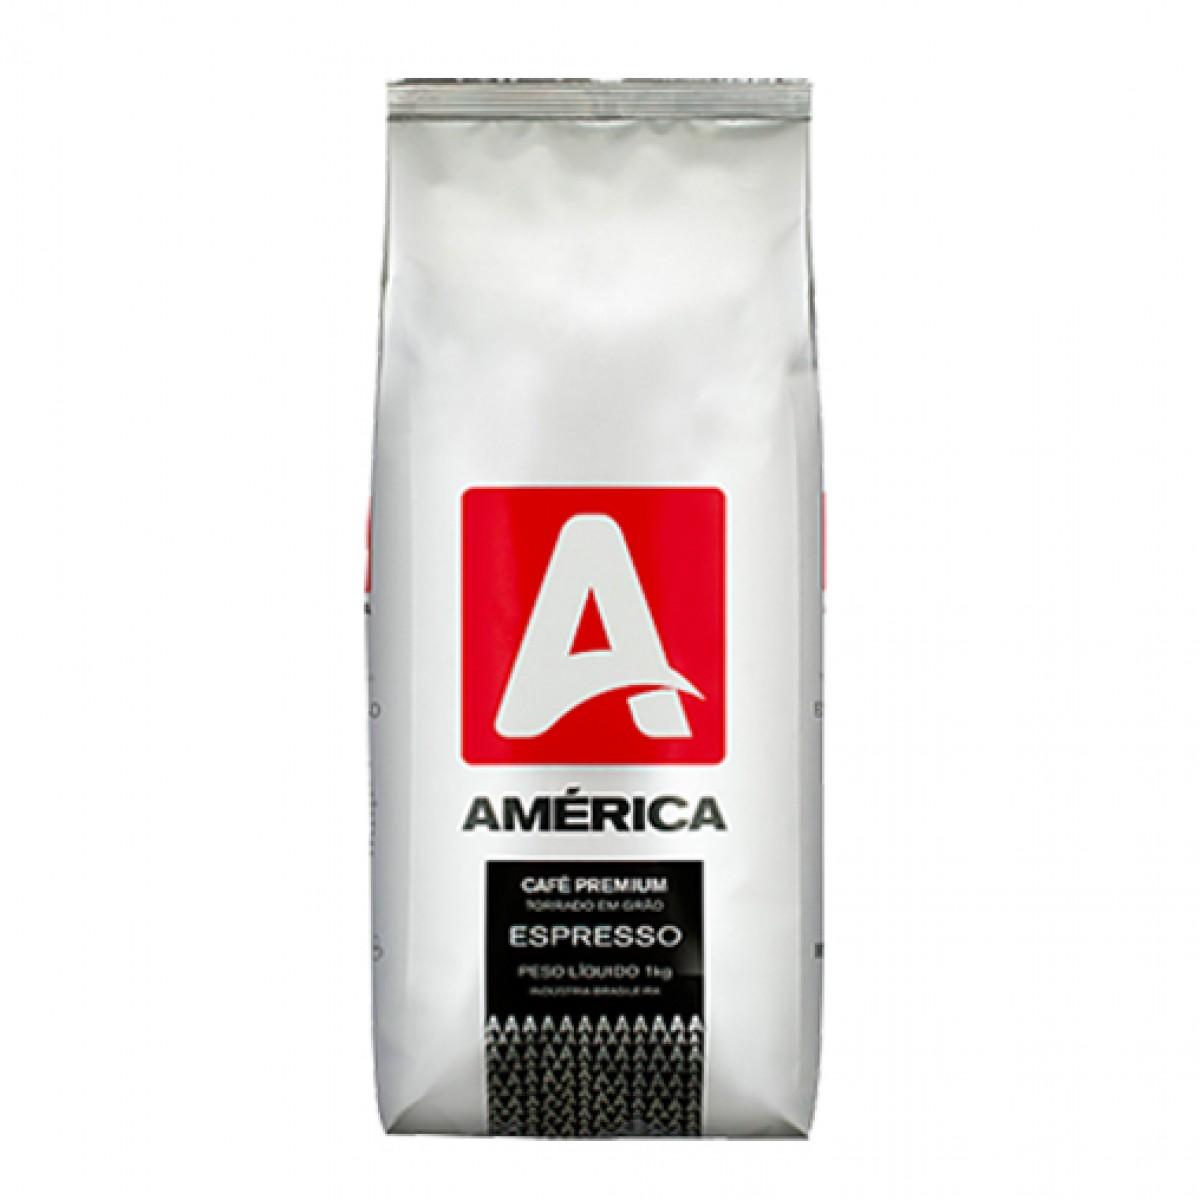 Café América Premium em Grãos 1 kilo